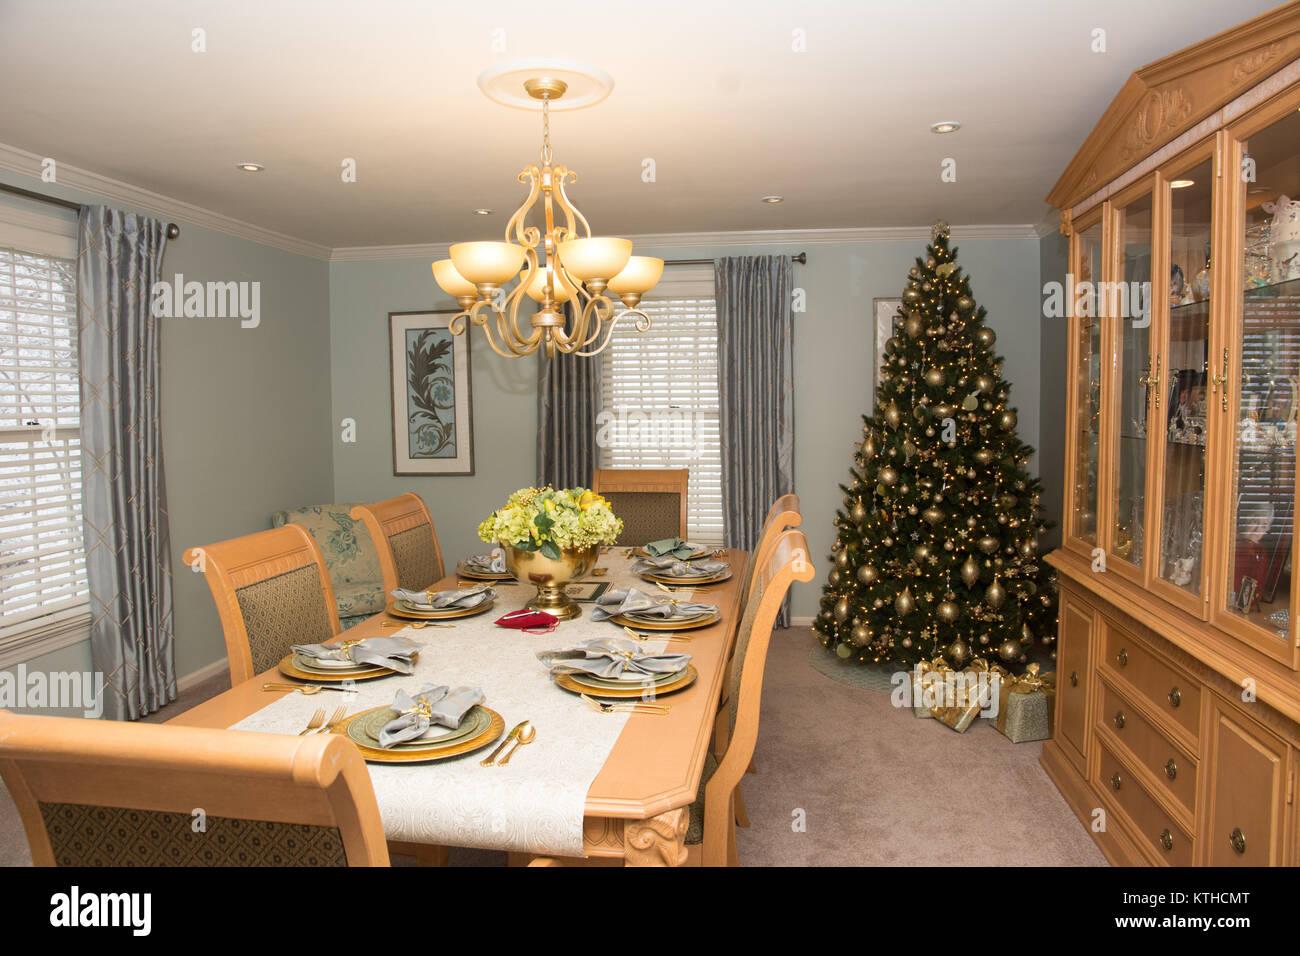 Ein Formelles Esszimmer Mit Tisch Dekoration Fur Weihnachten